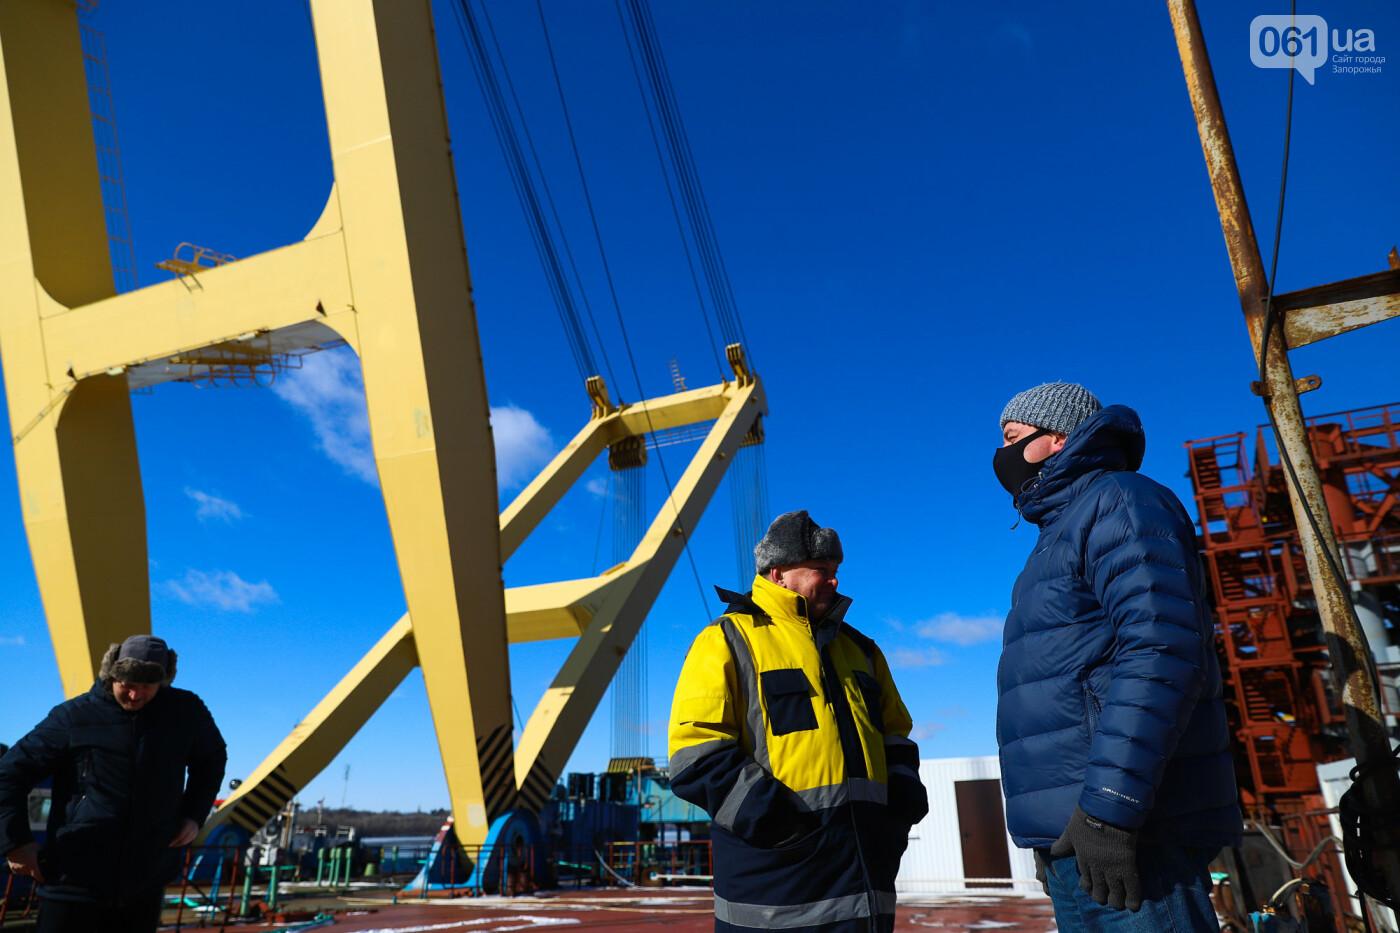 Кран с иностранной пропиской, ванты и металл: строительство запорожских мостов в фотографиях, фото-6